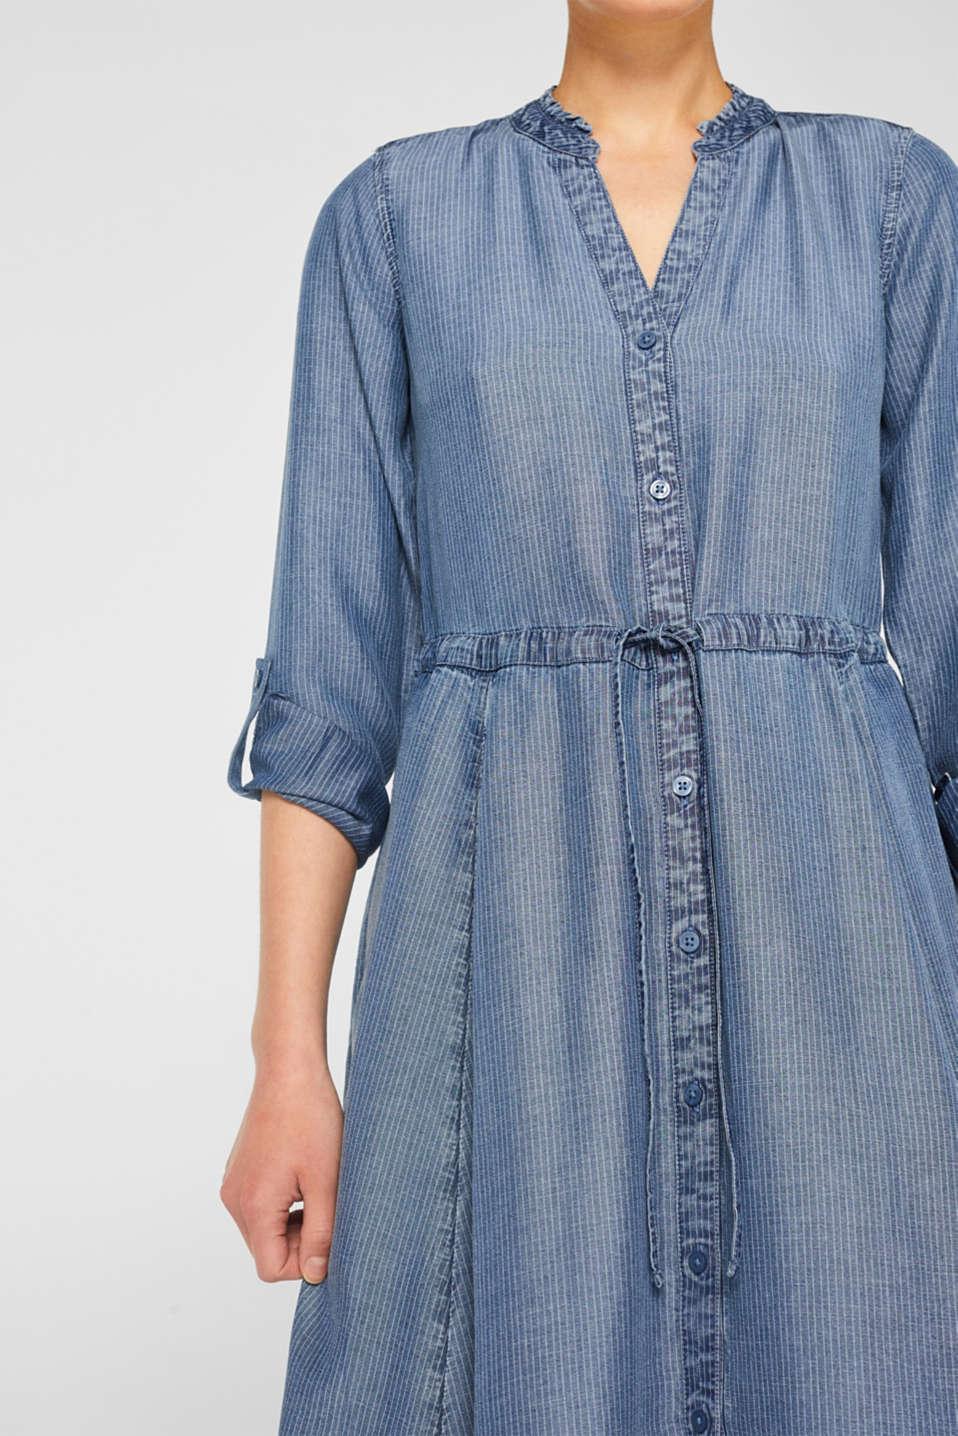 Dresses denim, BLUE LIGHT WASH, detail image number 5